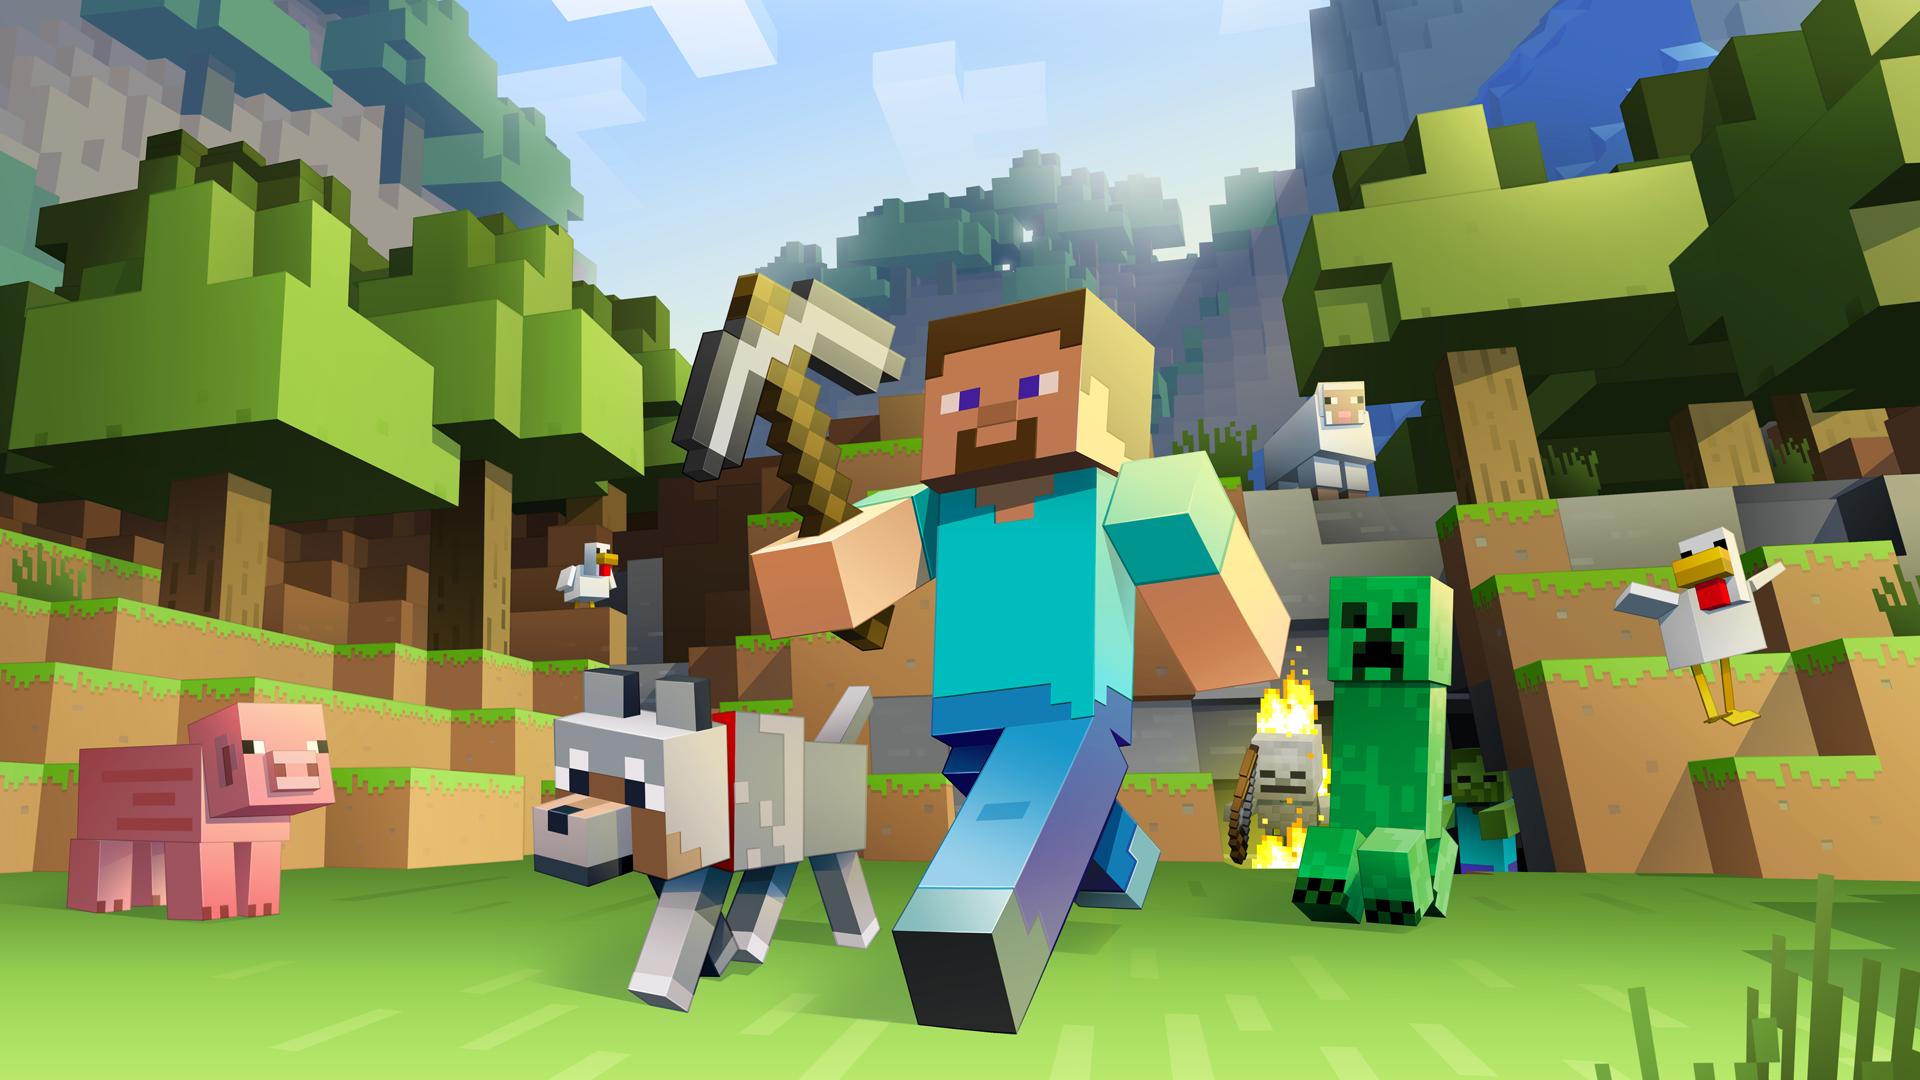 Minecraft Lapislazuli Vorkommen Und Nutzen Vom Unaussprechlichen - Youtube minecraft deutsch spielen